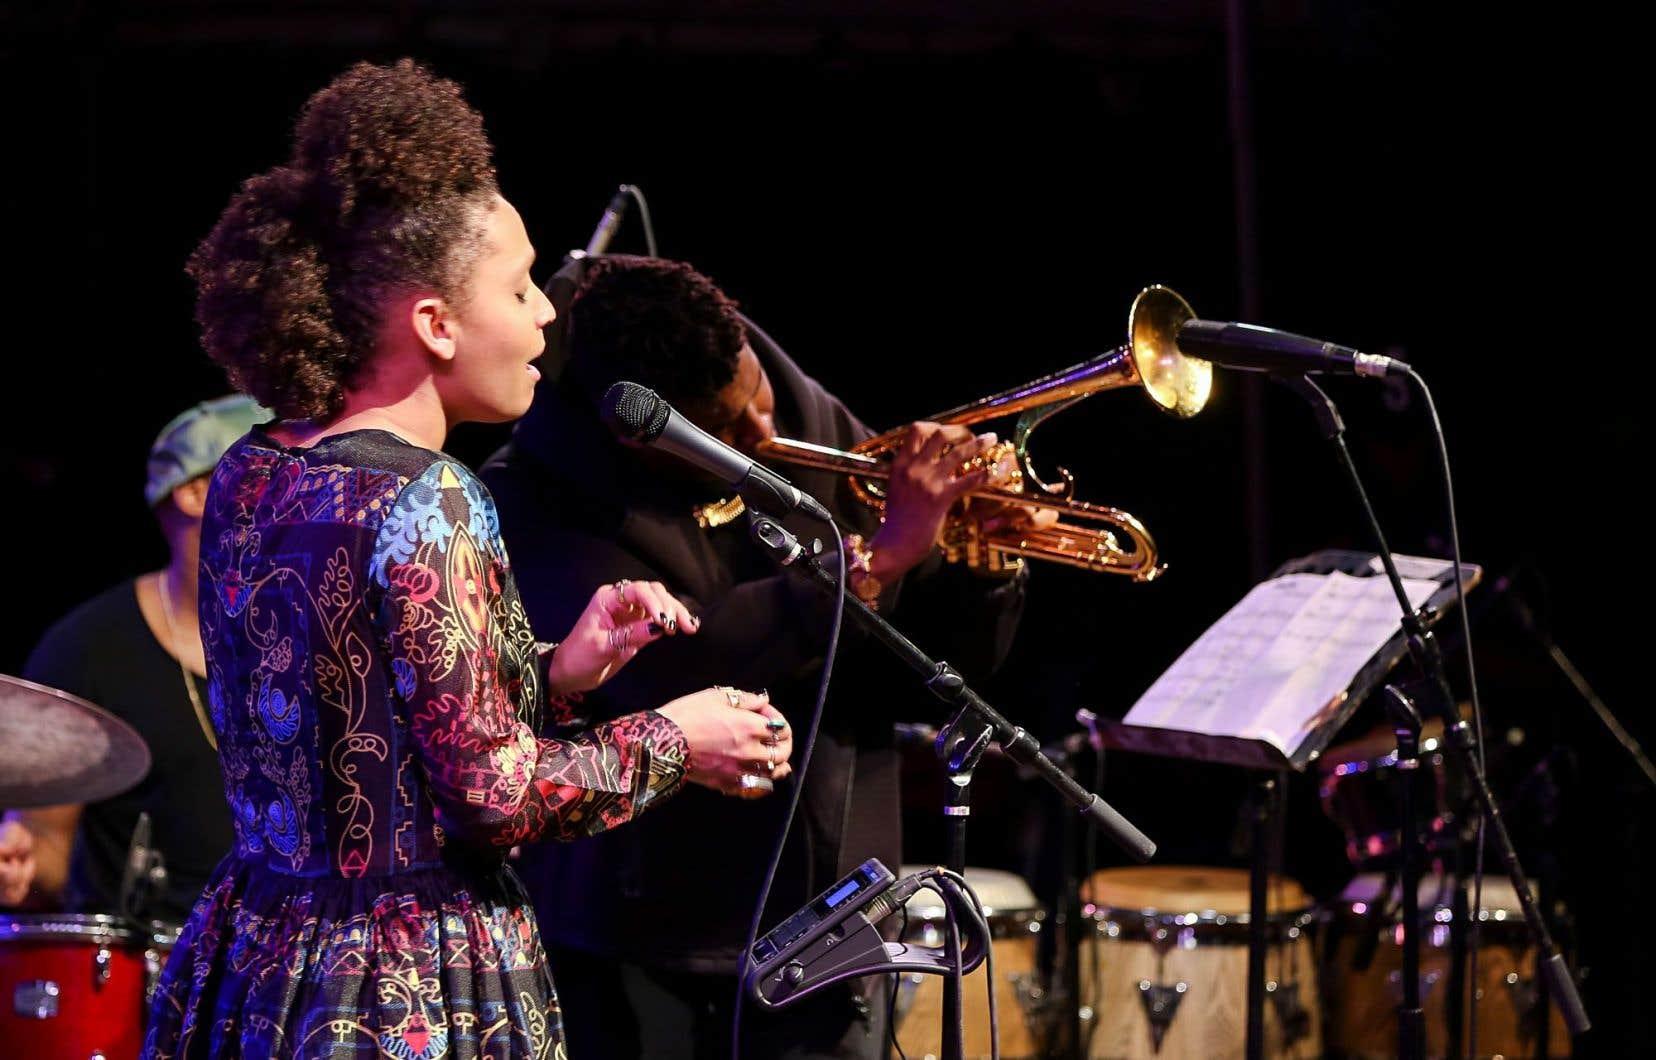 Sarah Elizabeth Charles: «Quand une musicienne embarque sur la scène pour un jam, l'énergie change immédiatement.»